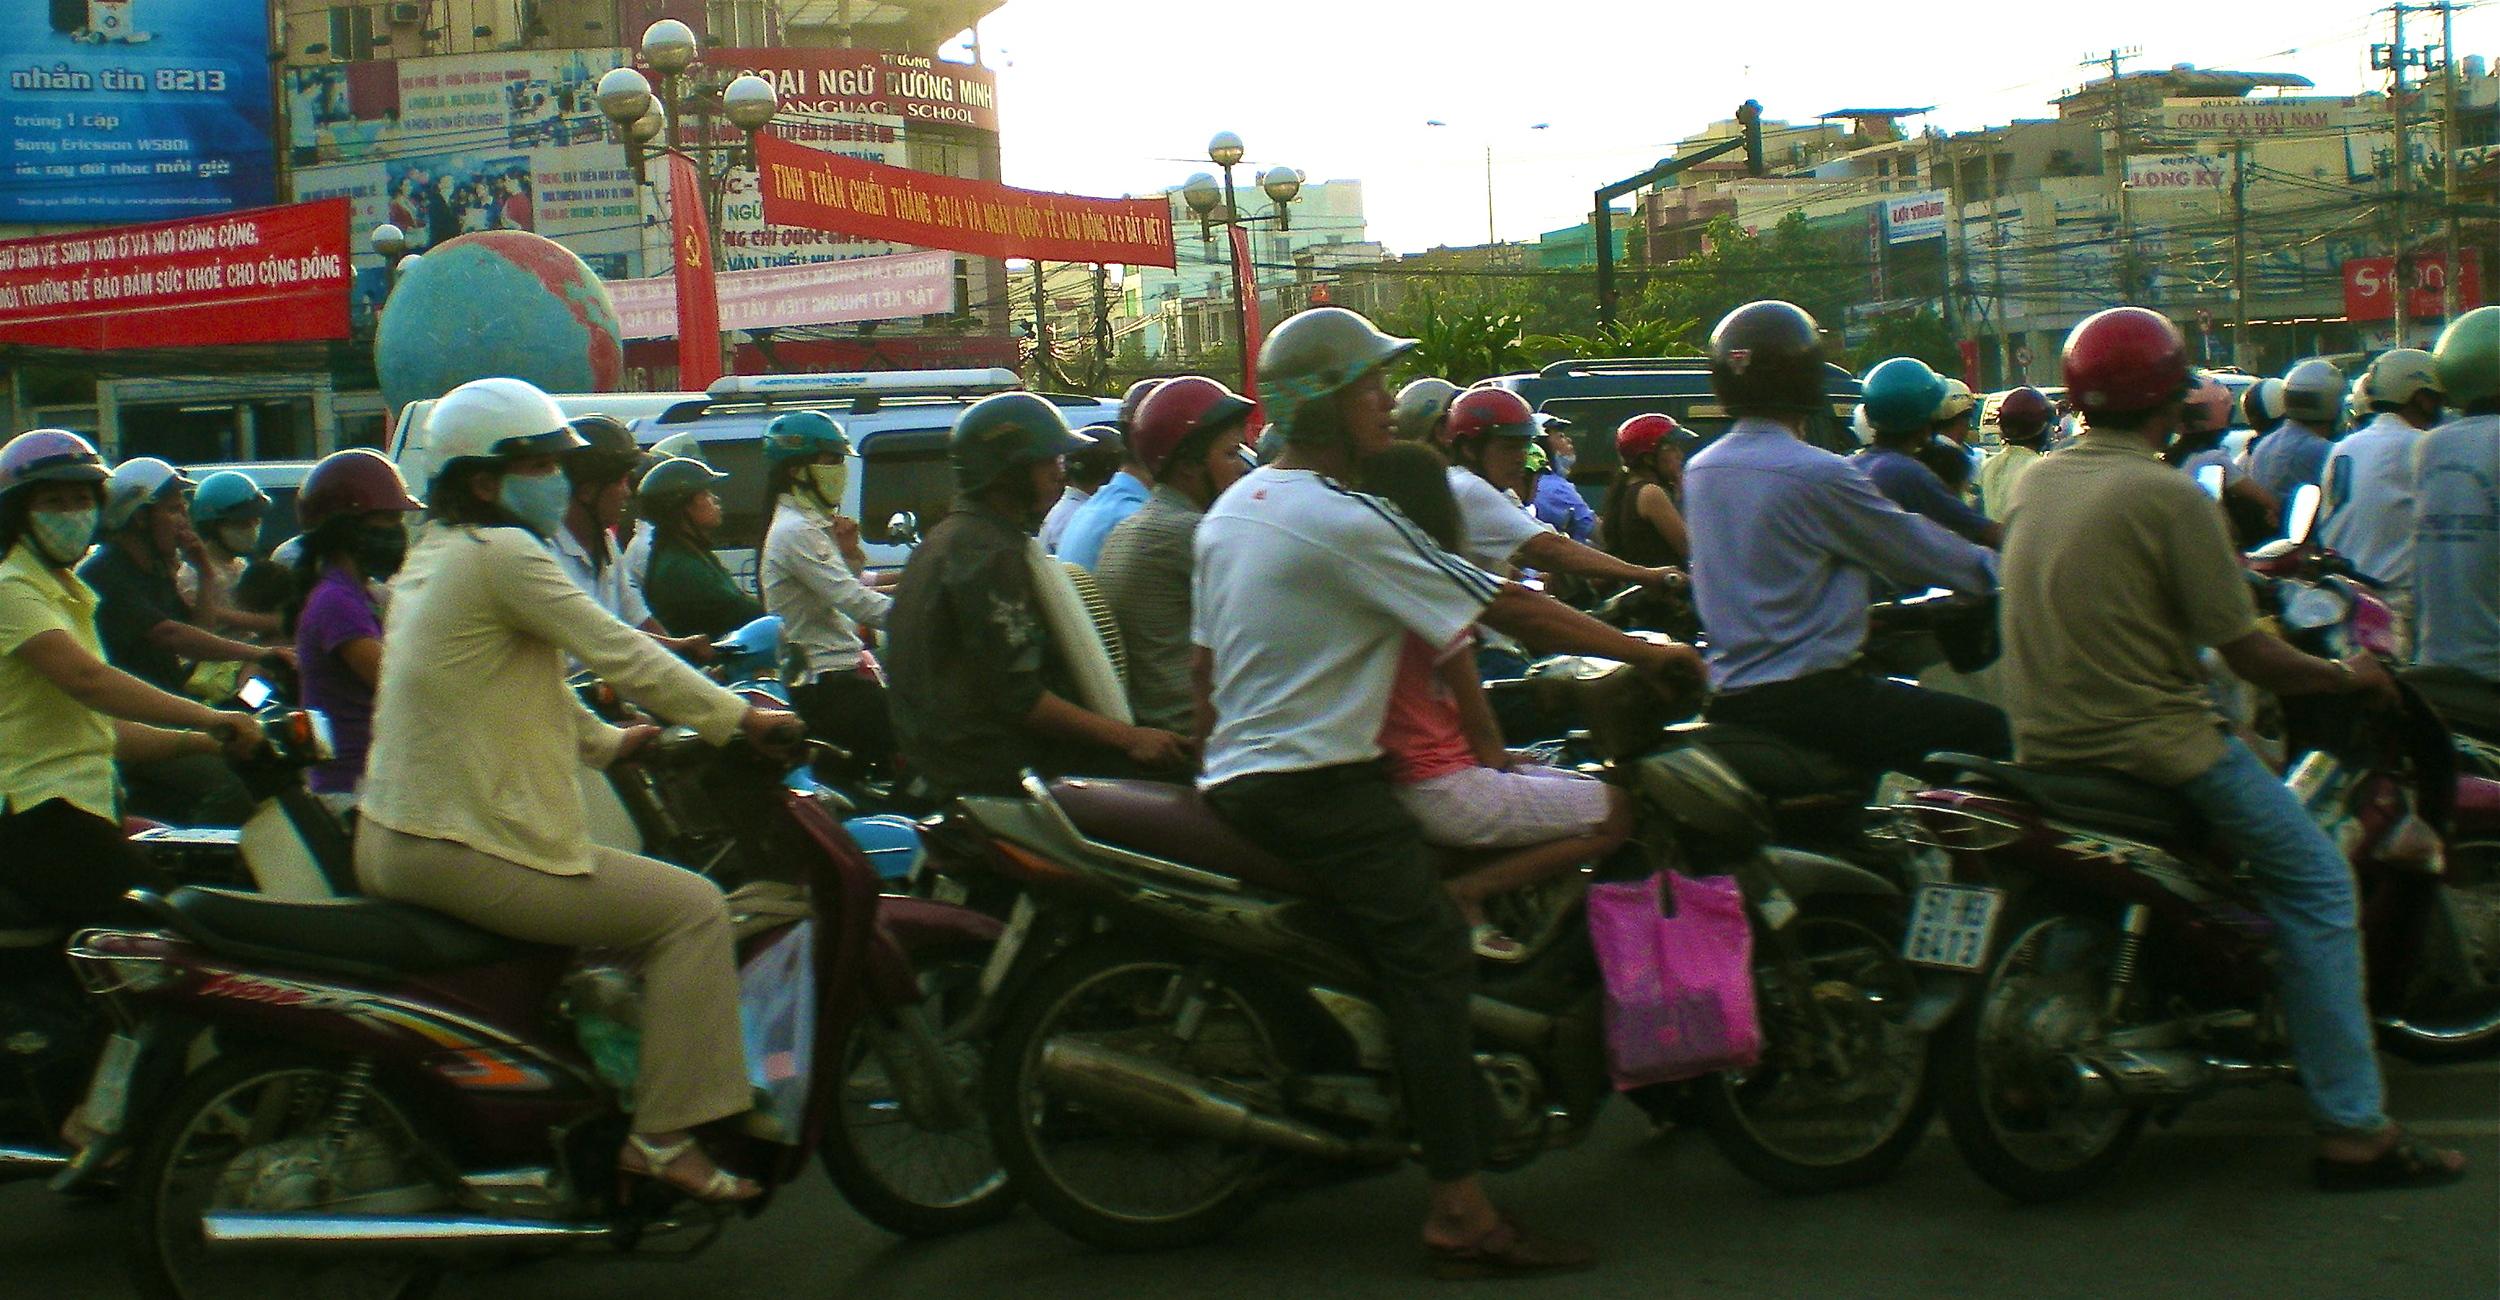 Rush Hour in Vietnam